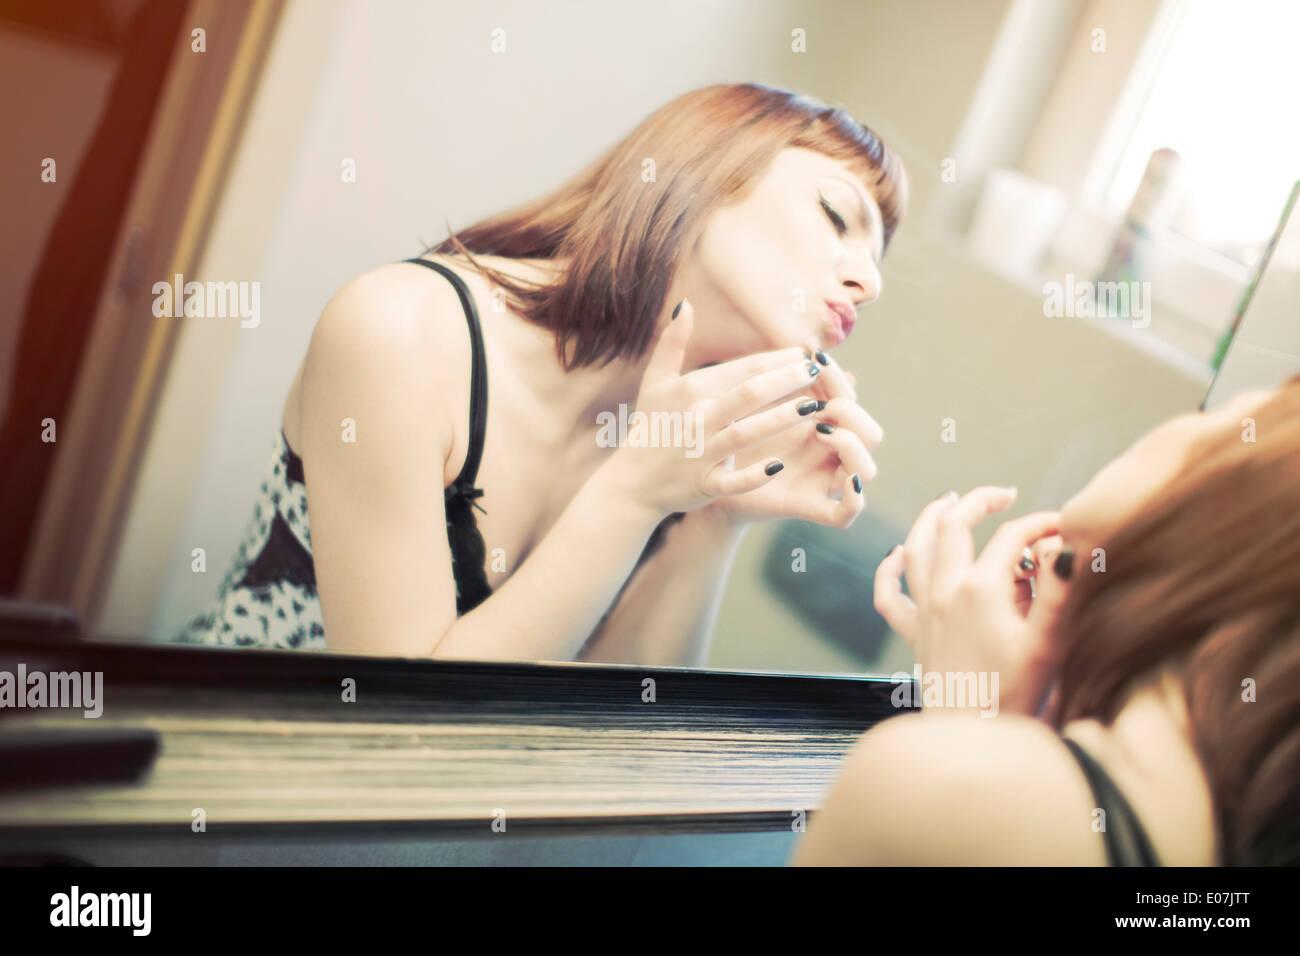 Jeune femme en nuisette devant un miroir Photo Stock